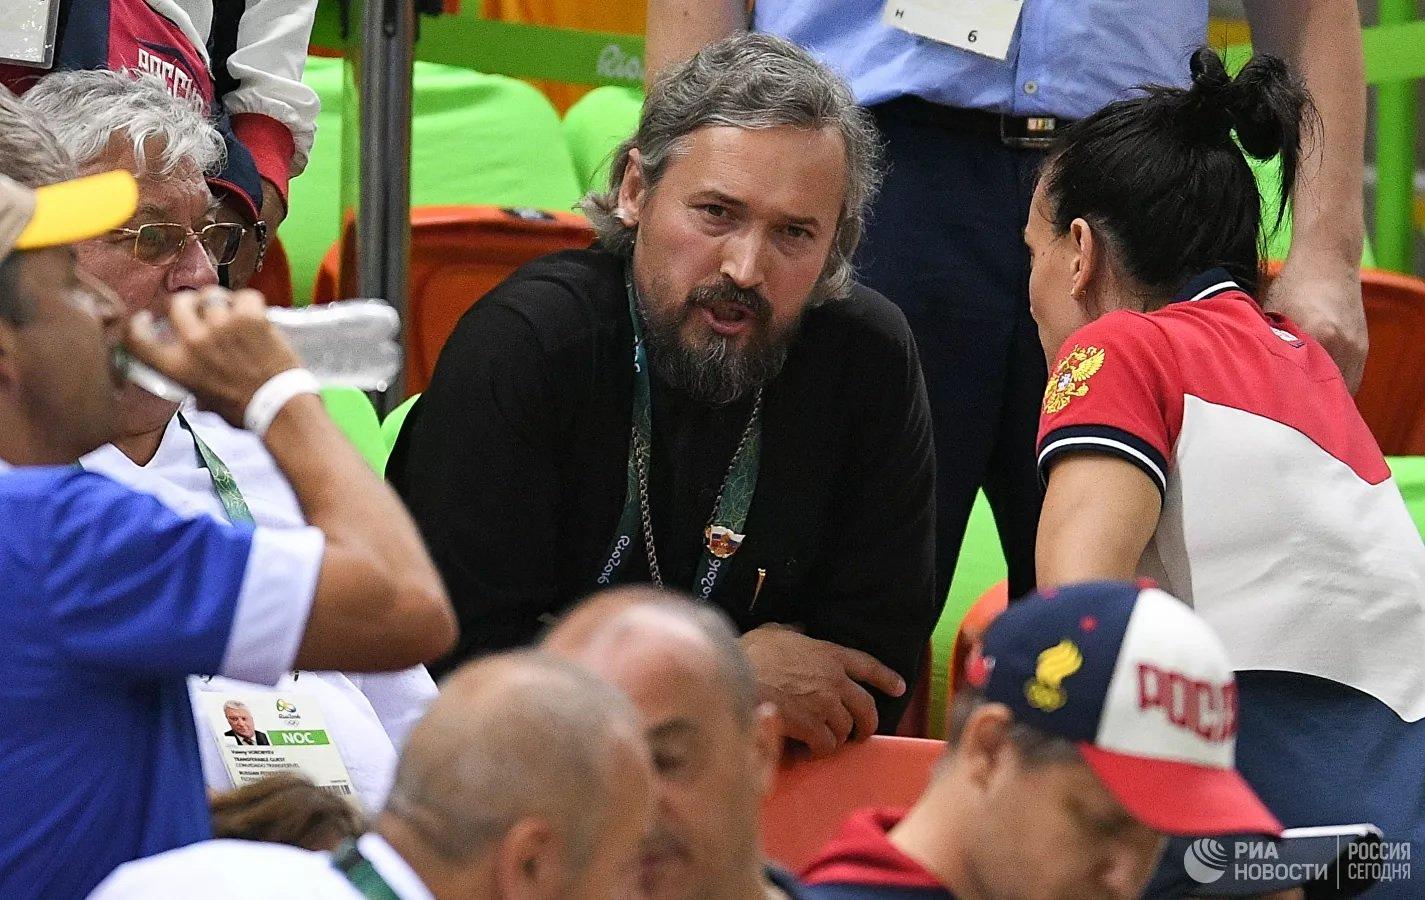 Духовник Олимпийской сборной РФ: желающих помолиться немало